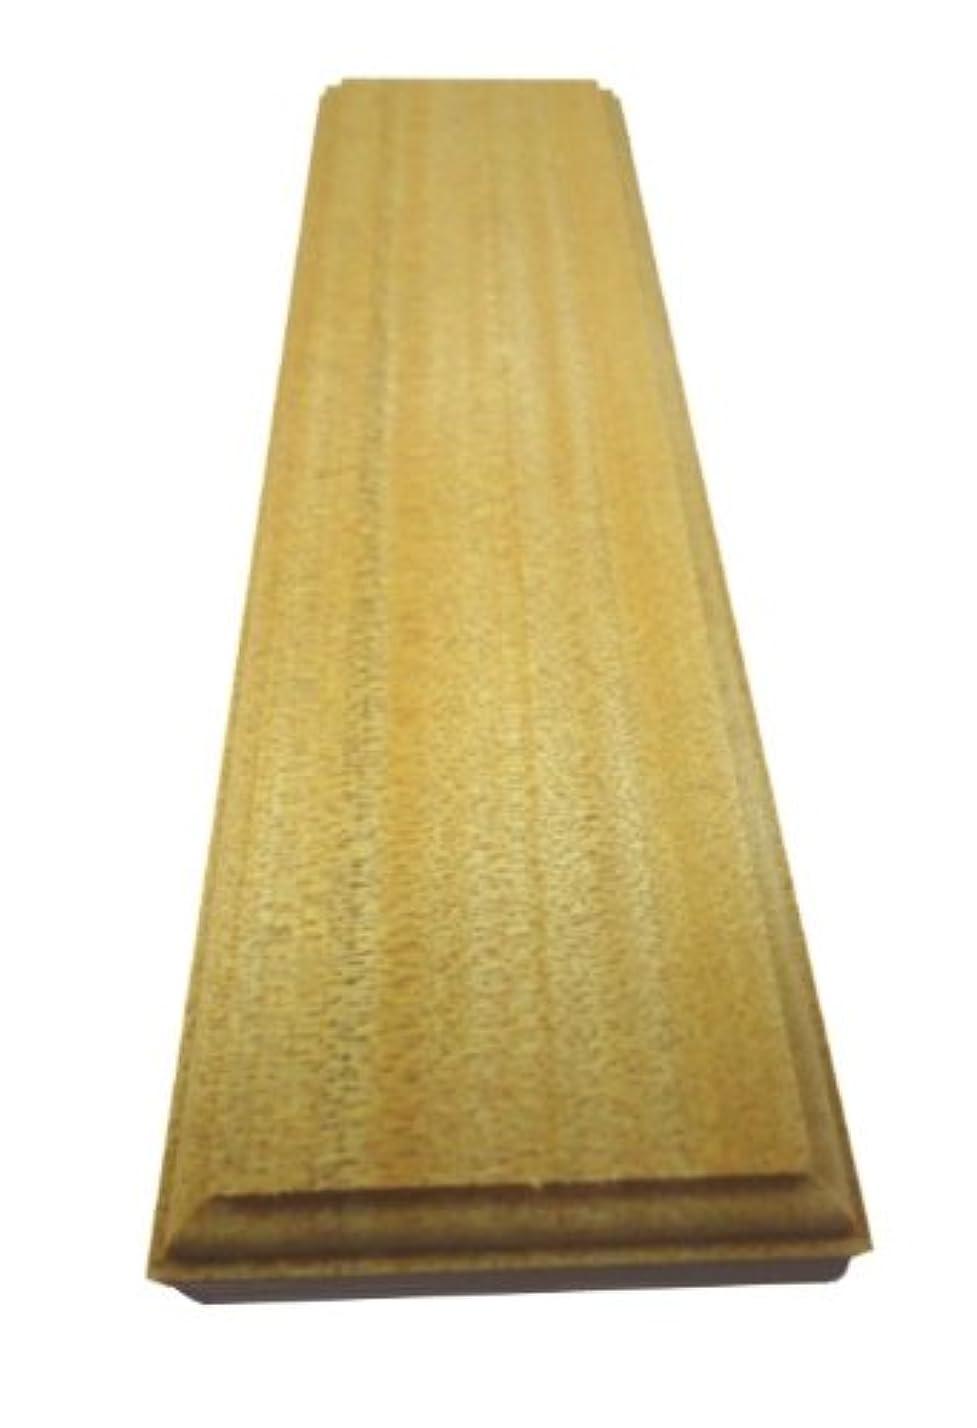 ムスタチオ一生何よりも川島材木店杉四分板1820x180x12mm5枚1セット 個人用送料